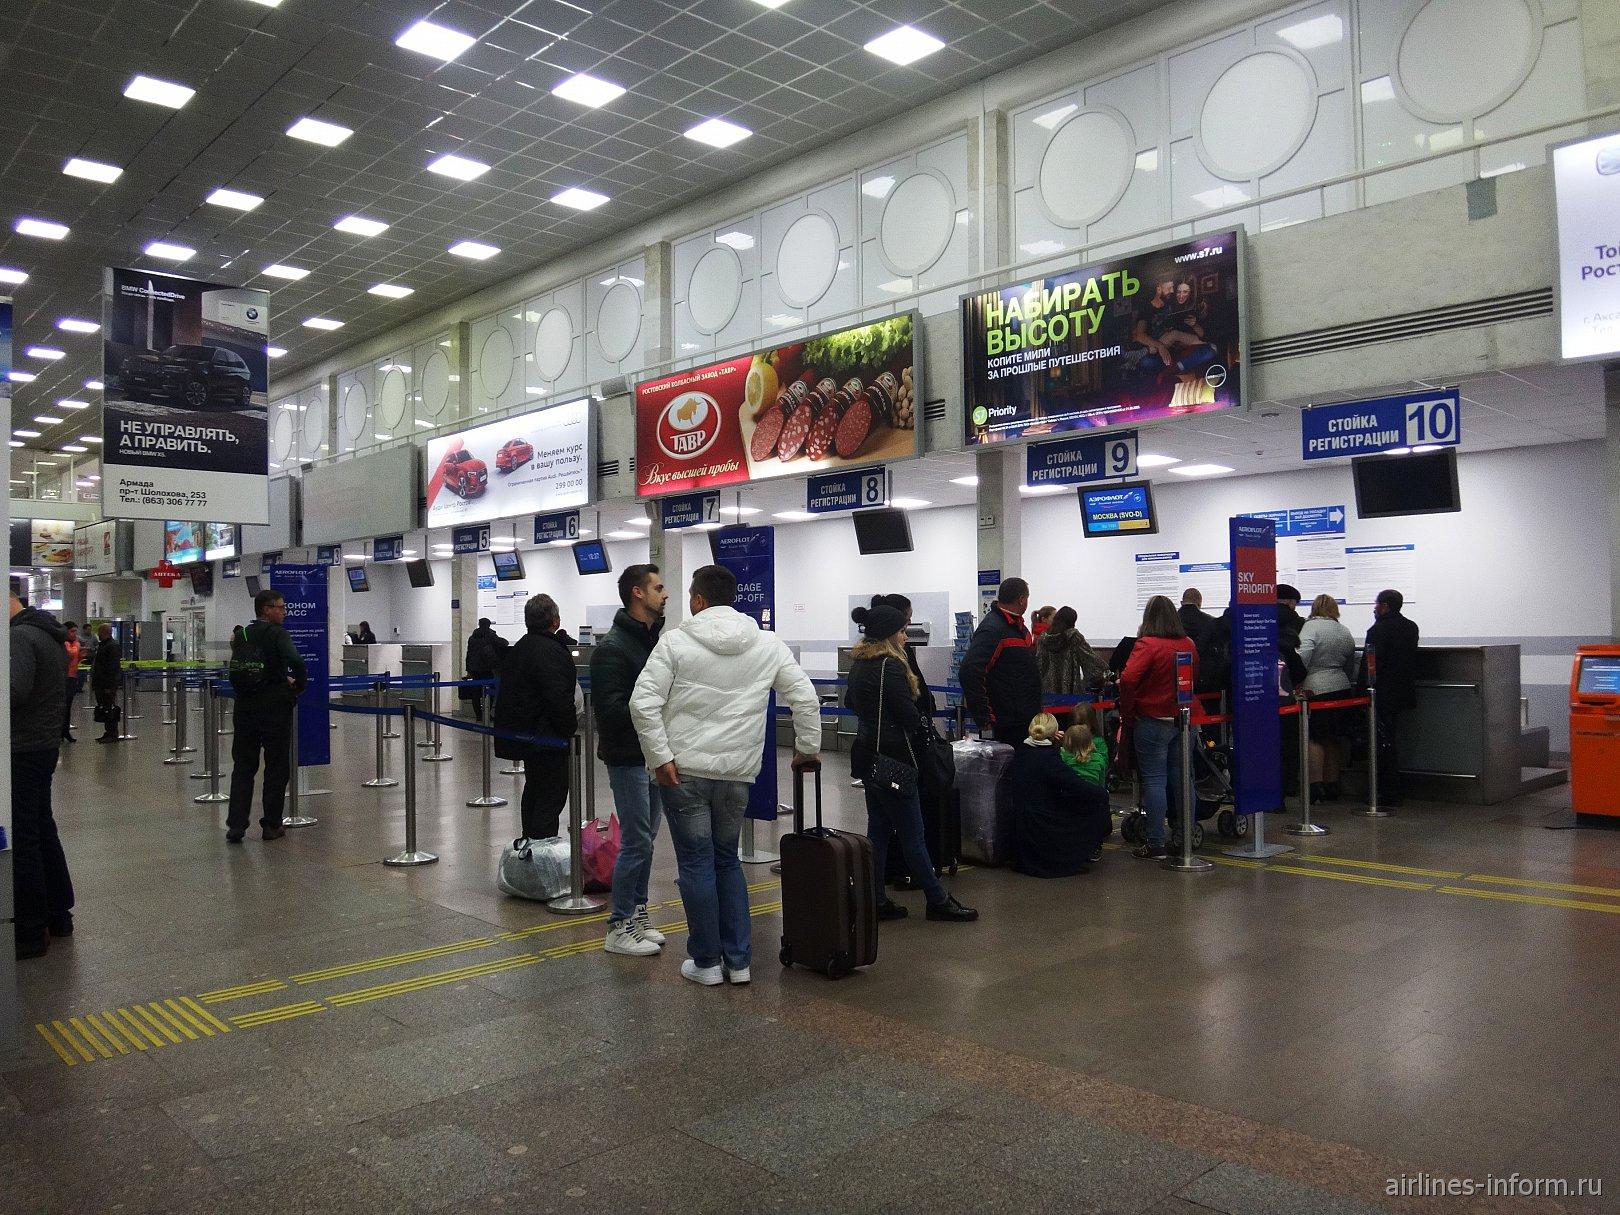 Стойки регистрации на рейсы в аэропорту Ростов-на-Дону